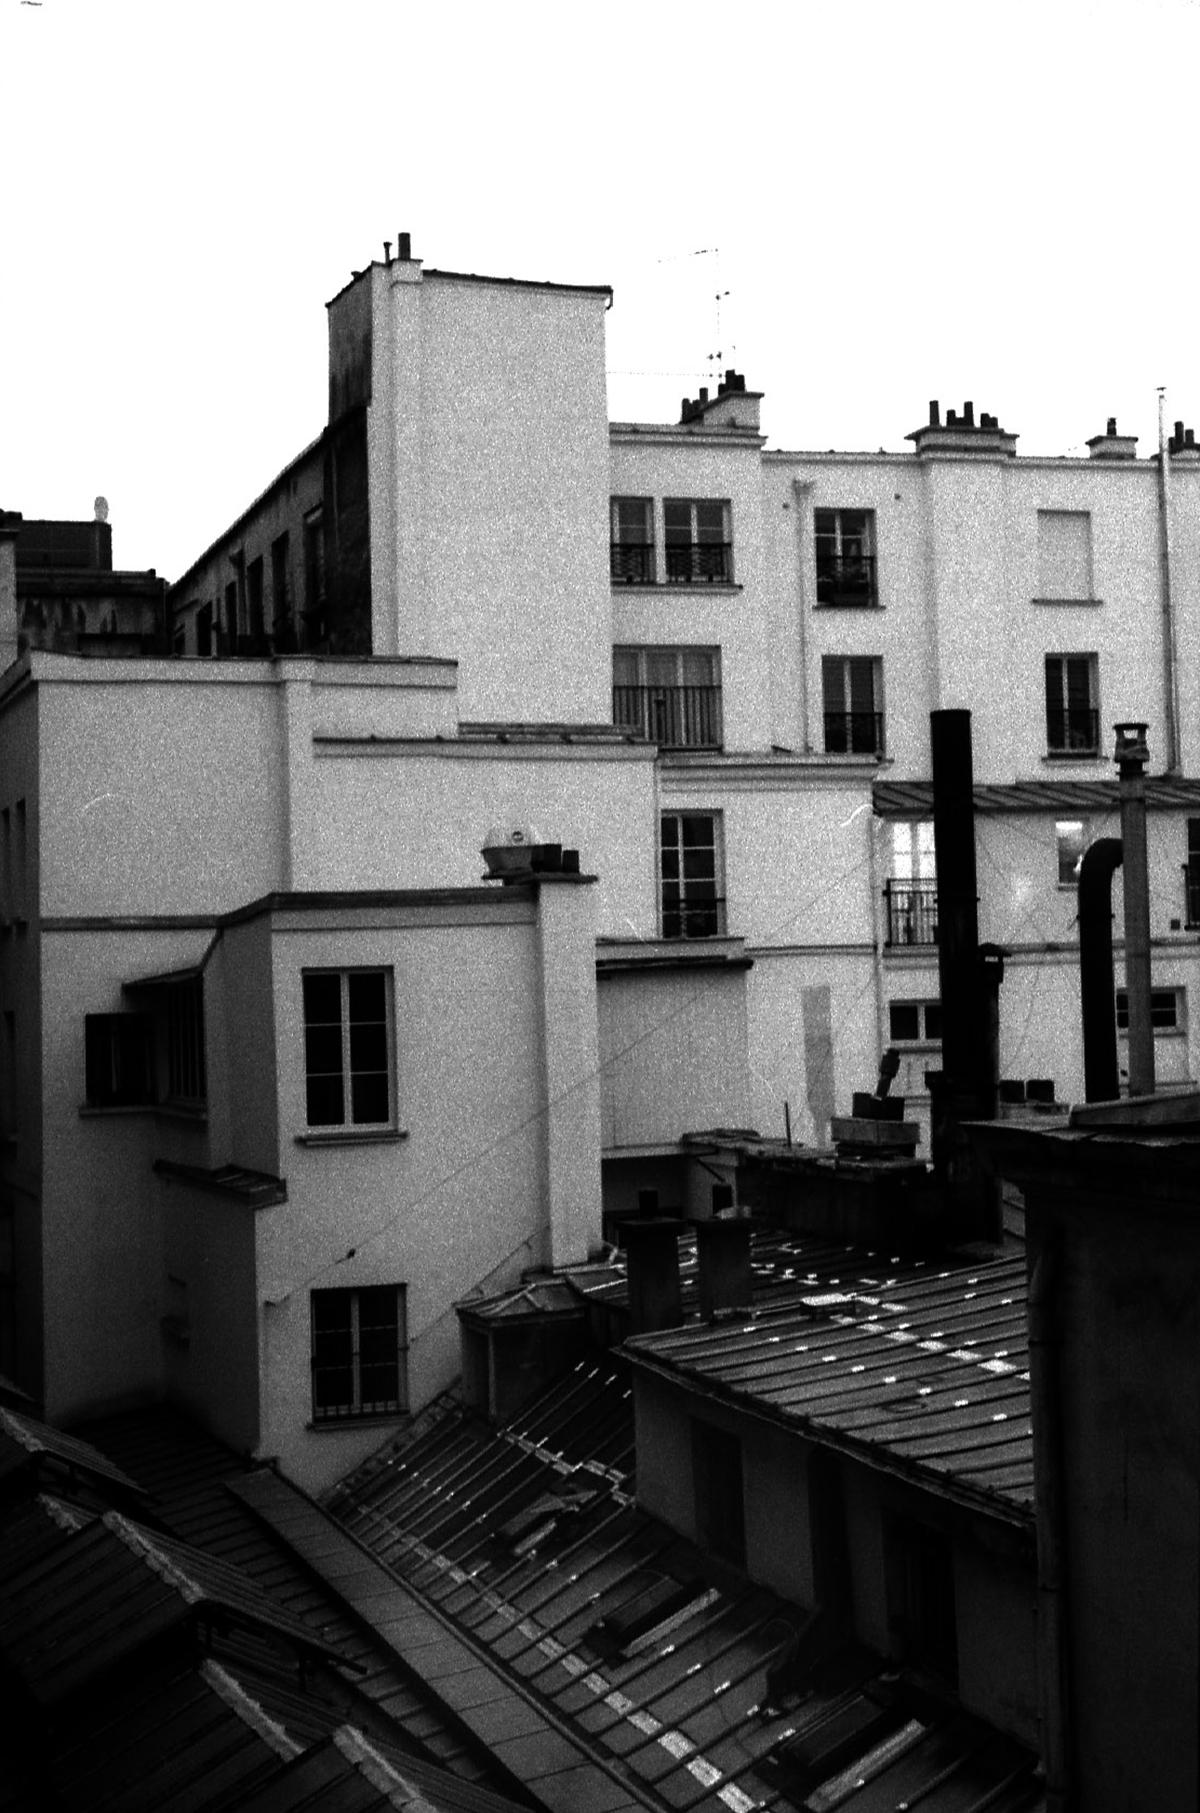 Premier soir sur le passage des Panoramas Lue Rue Saint Marc Paris